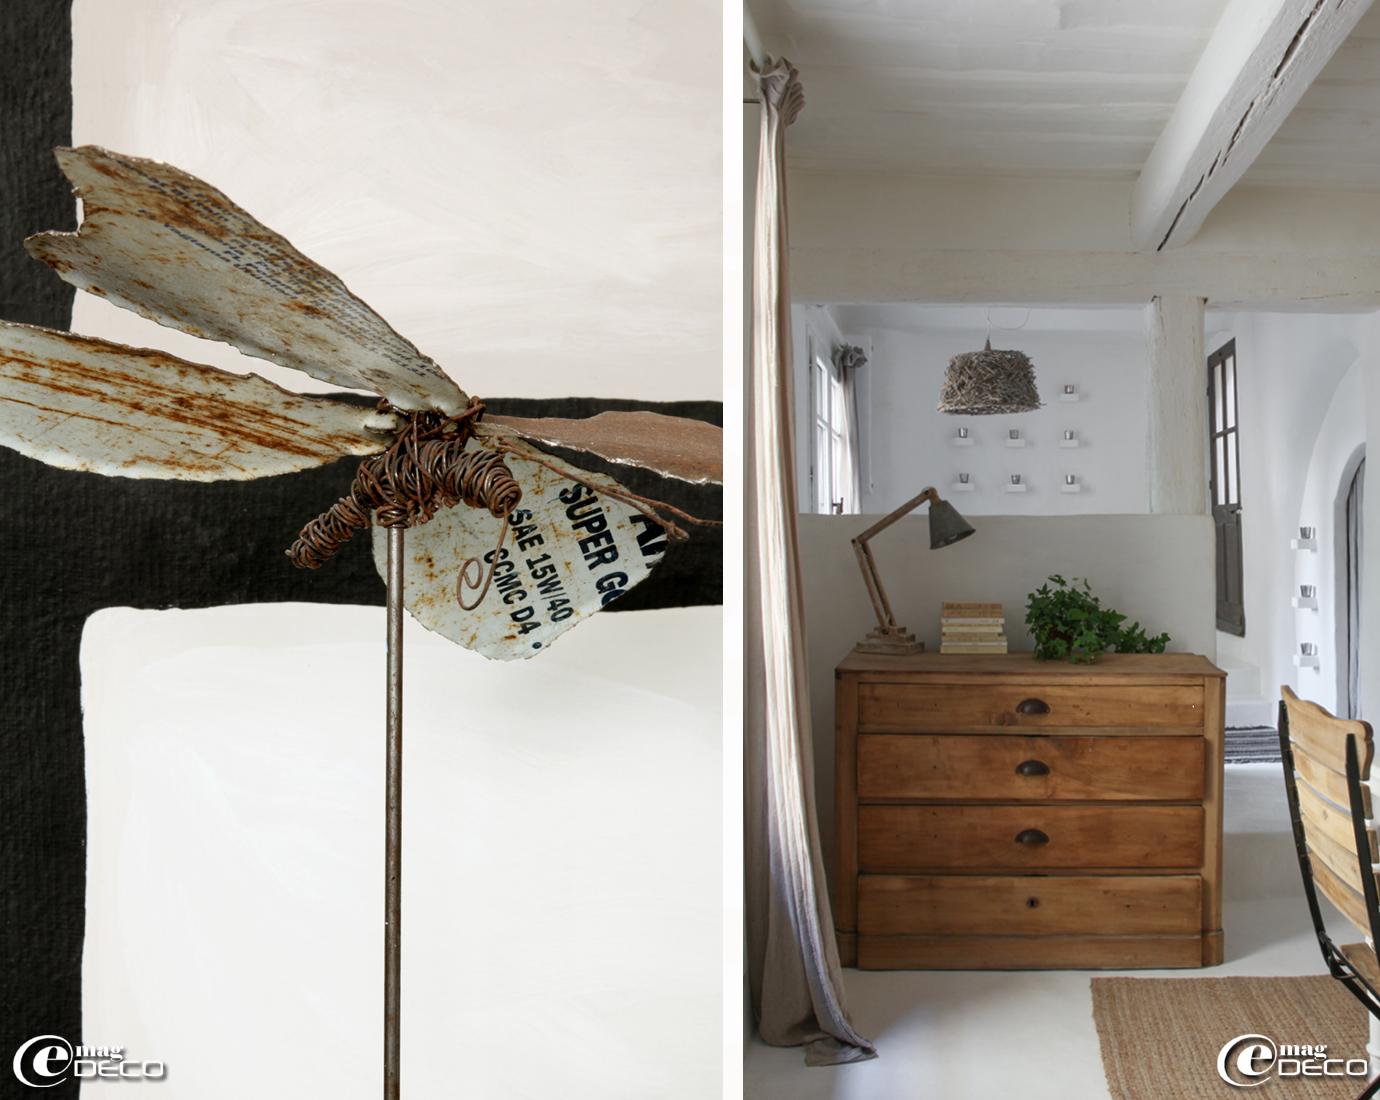 Papillon créé par Yoann Belland à partir de fil de fer et de tôle d'acier provenant d'un vieux bidon, vieille commode en noyer décapée et éclaircie, lampe articulée 'Jardin d'Ulysse'